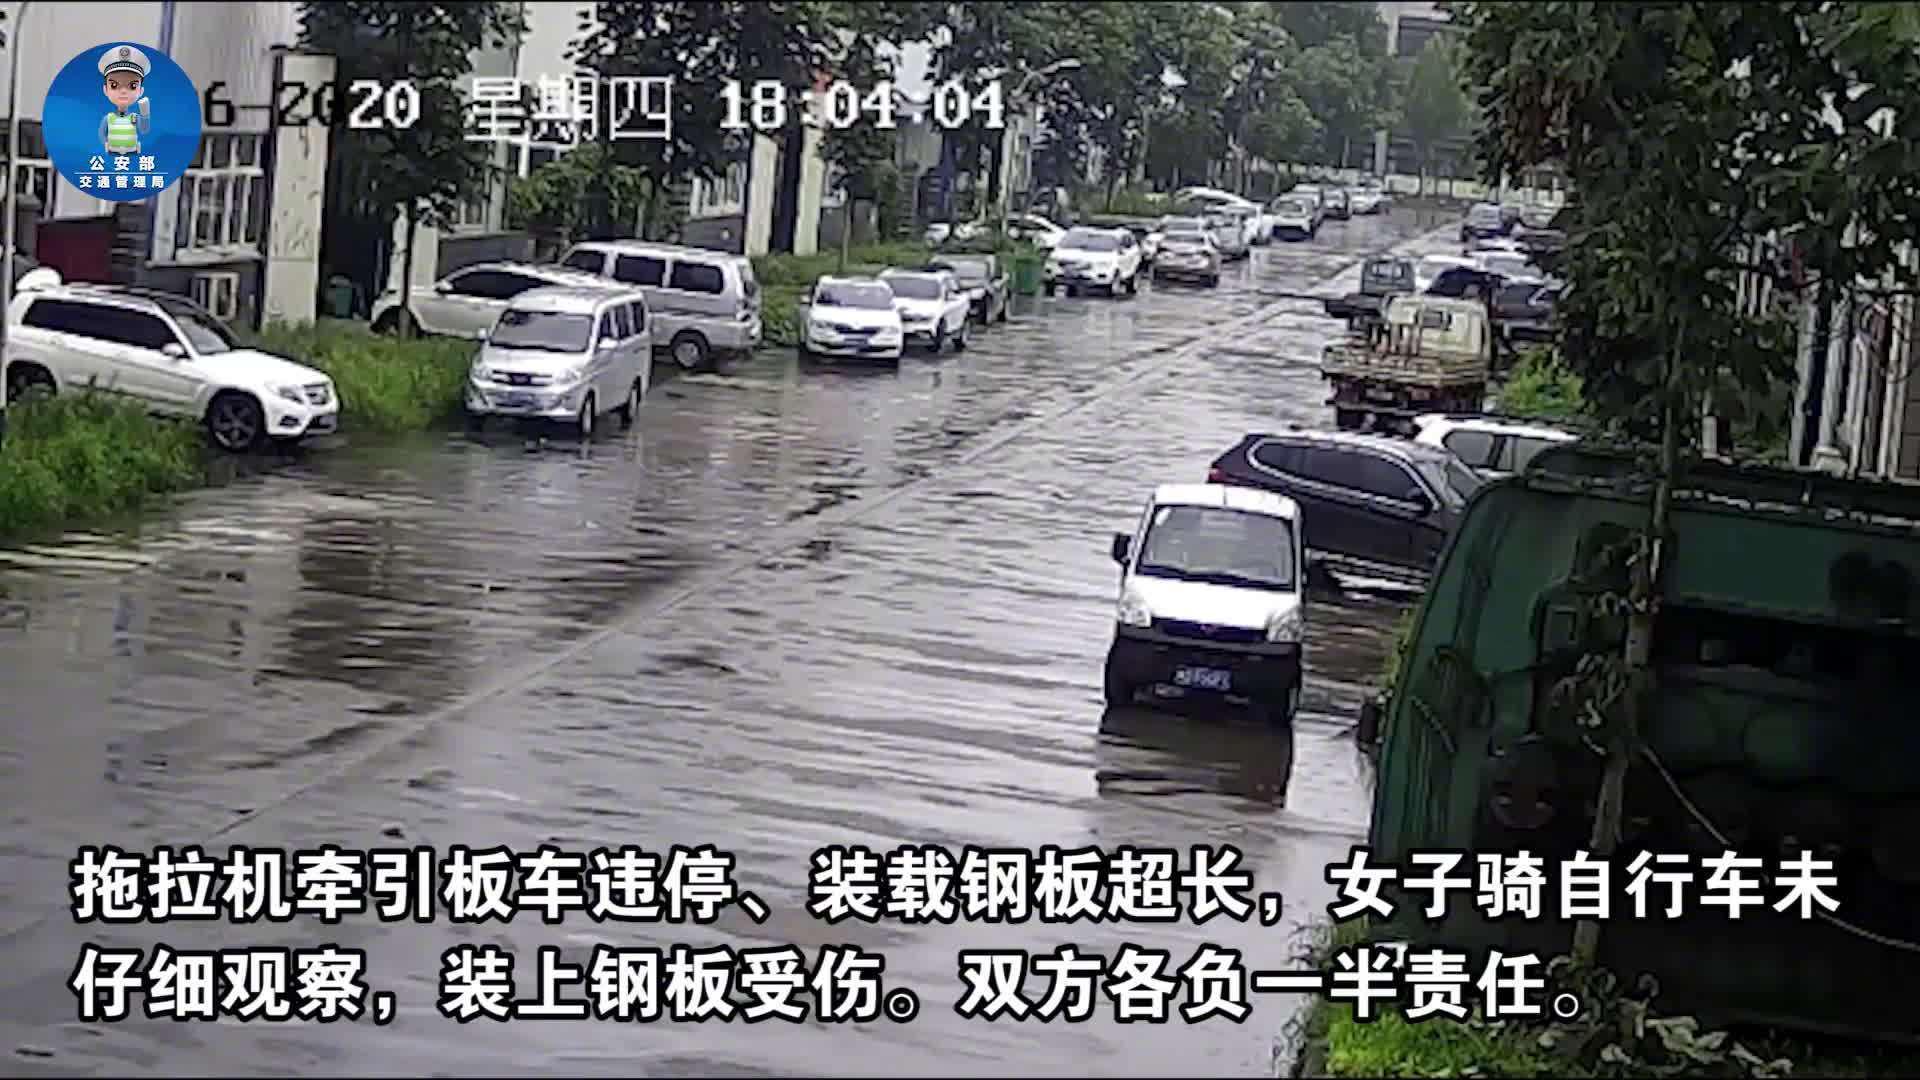 当雨天骑车不注意观察,遇上拖拉机超长装载钢板……